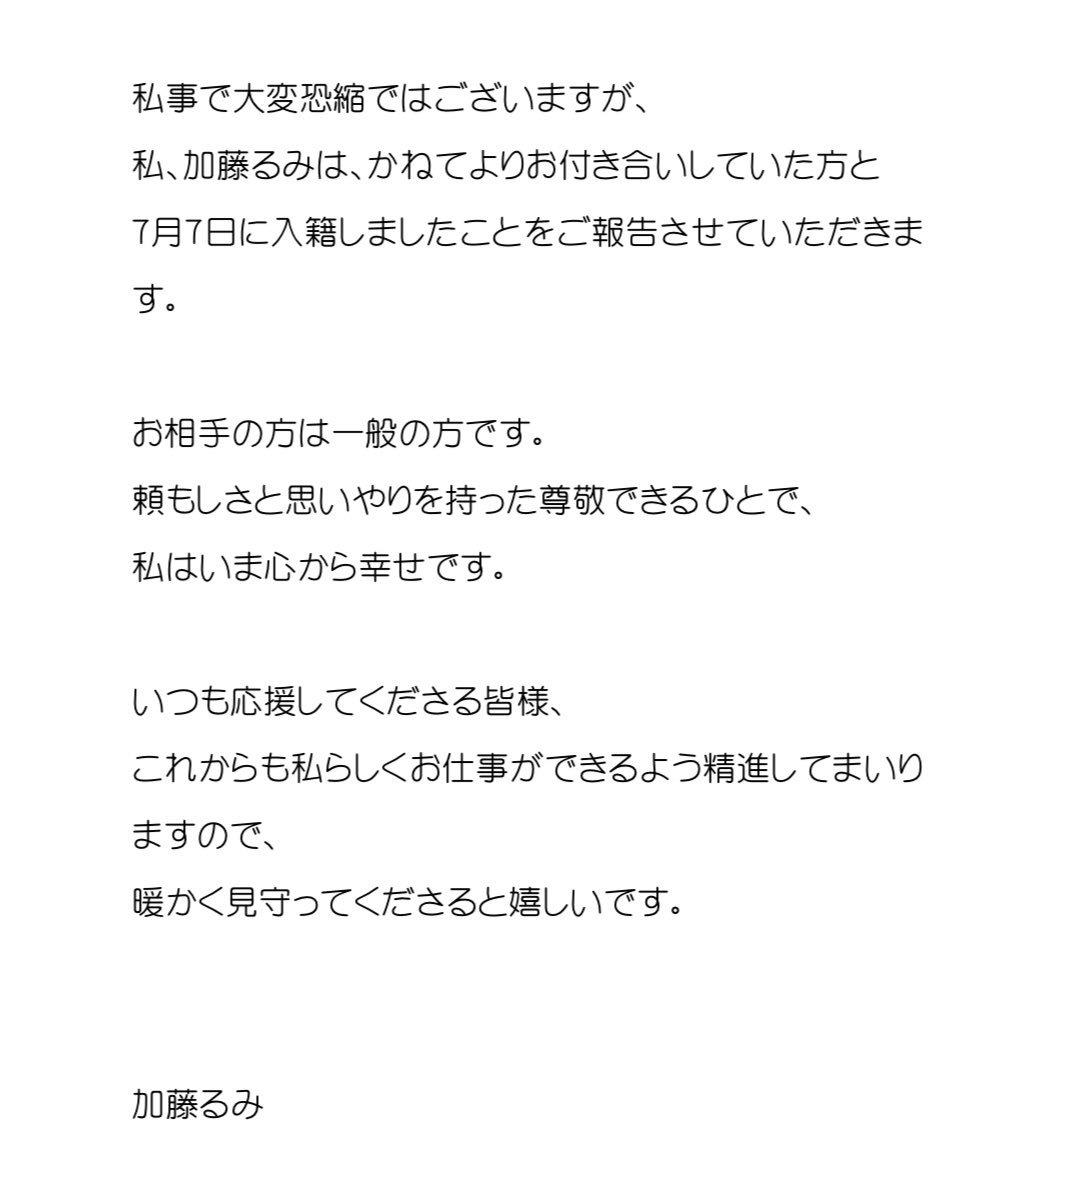 【ご報告】 私事で大変恐縮ではございますが、 私、加藤るみは、かねてよりお付き合いしていた方と7月7日に入籍しましたことをご報告させていただきます